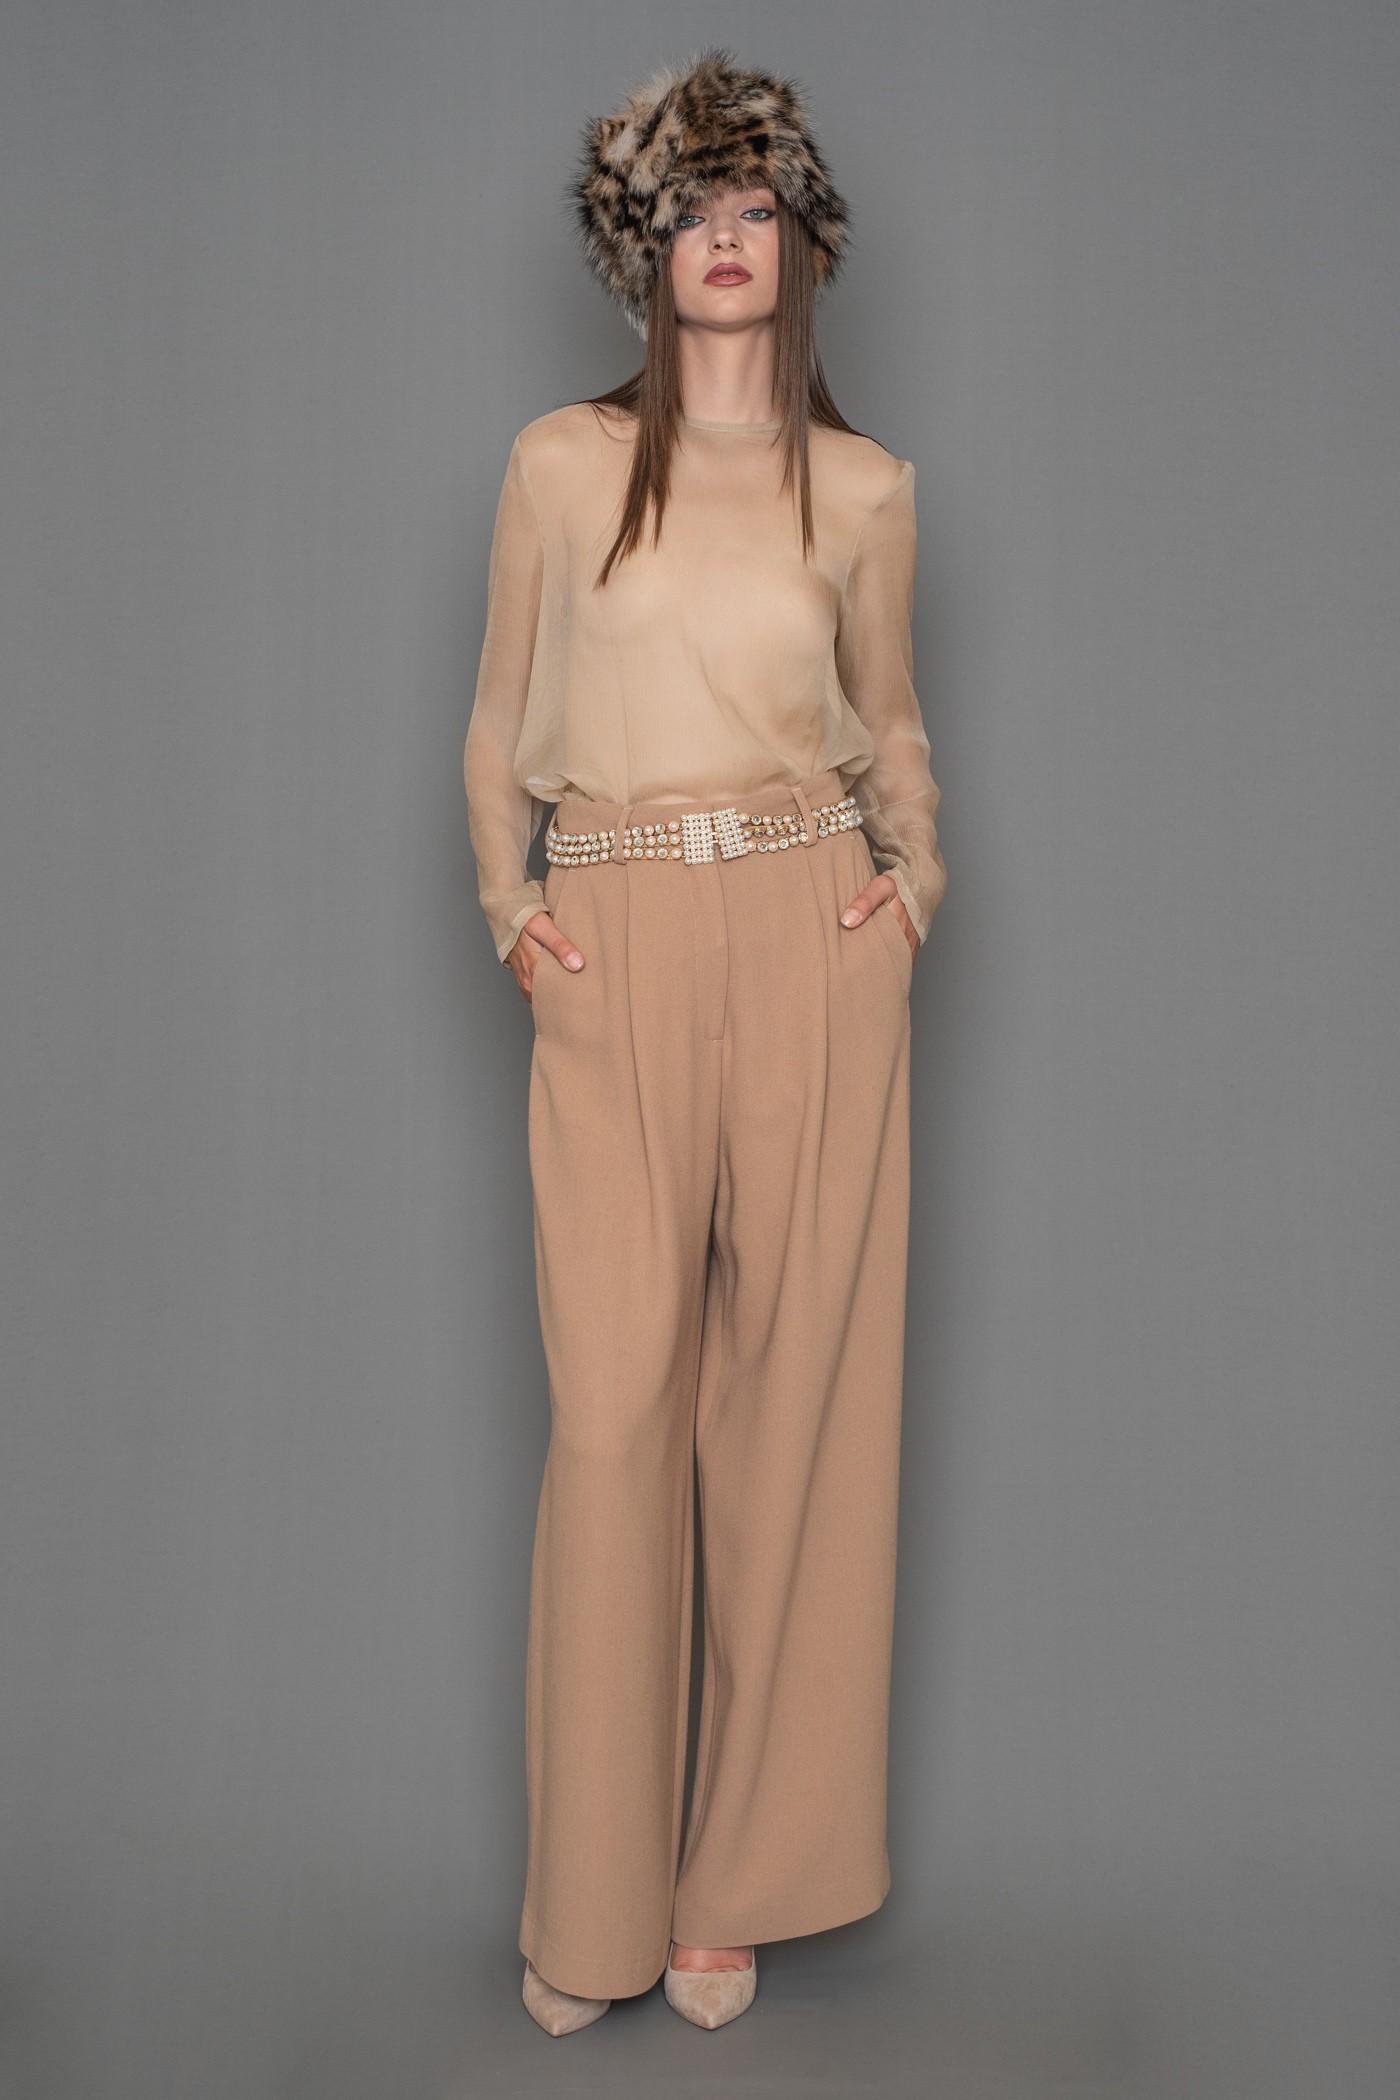 Παντελόνι CREPE ψηλόμεσο, φαρδύ με πιέτες, γυναικείο